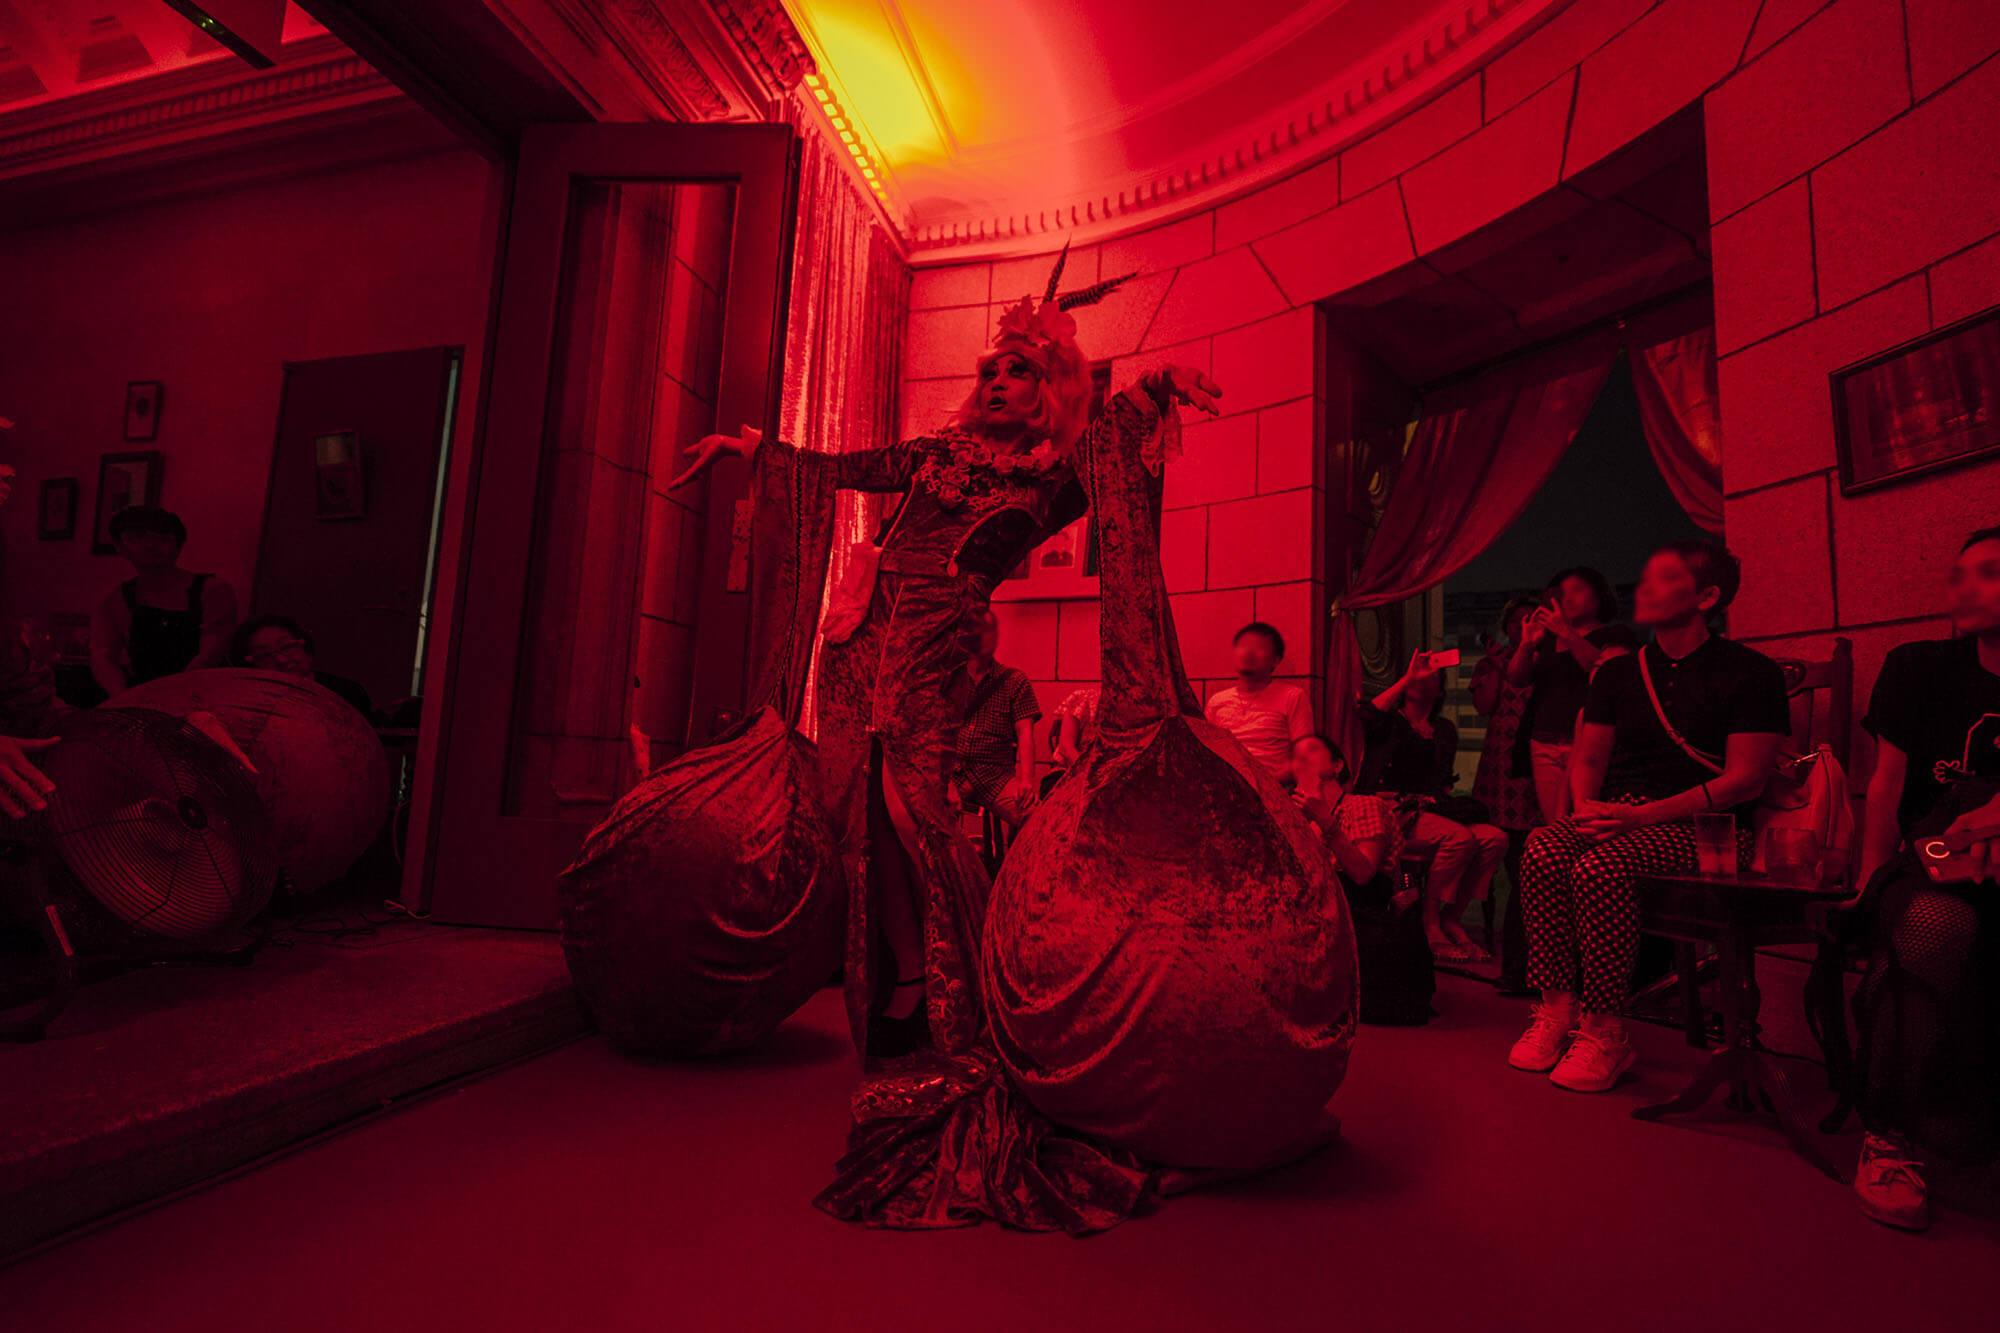 アートラウンジ RED ROOM|offsociety inc. Red Room Yokohama 現代美術・アート Contemporary Art